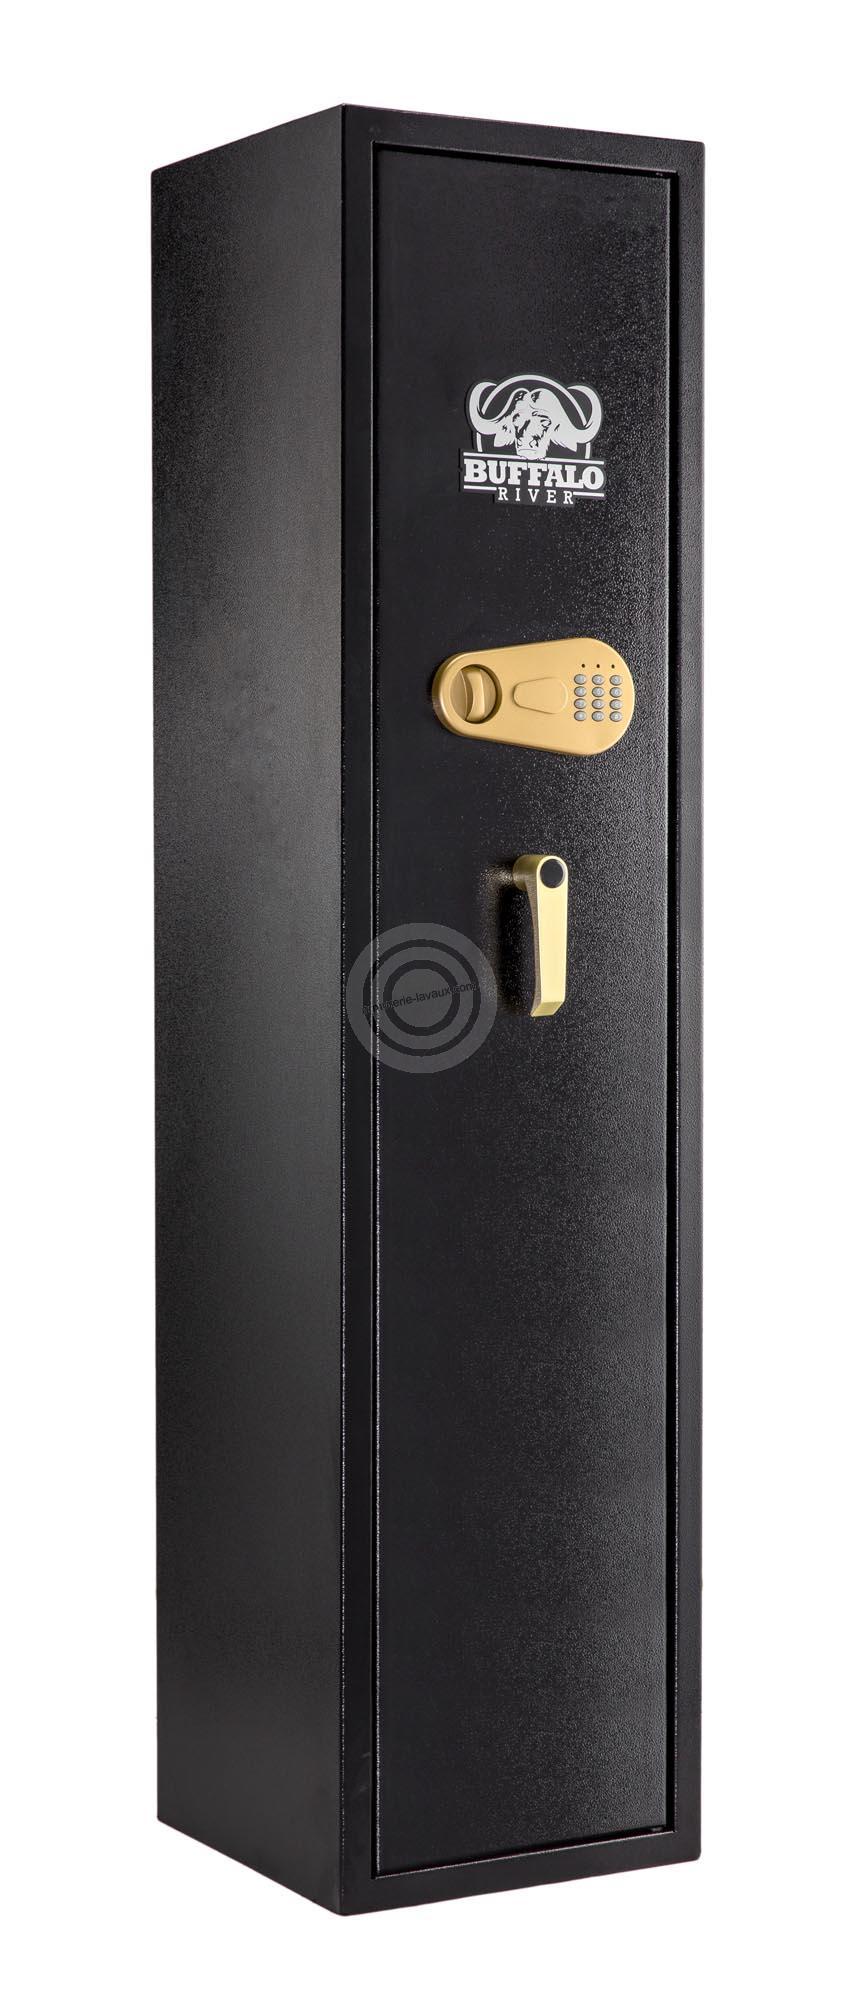 Coffre BUFFALO RIVER Digital Premium 7 armes avec lunettes (62kg)